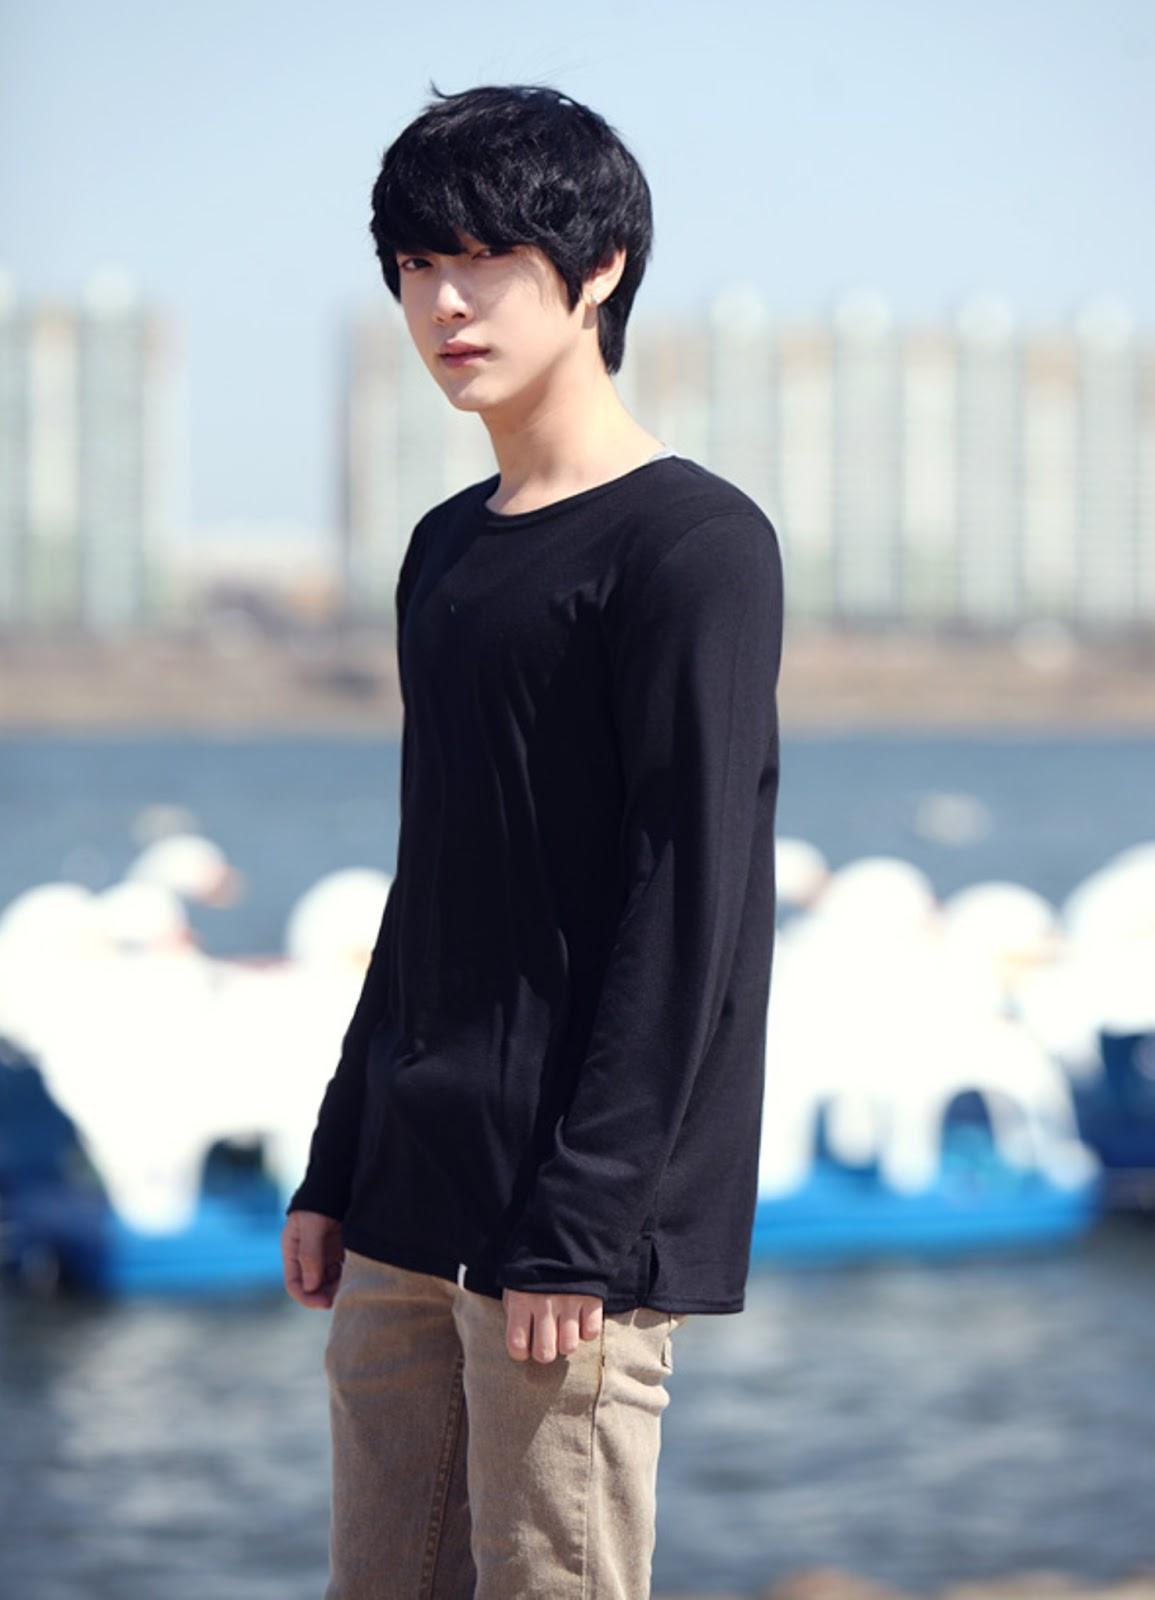 「Supreme (K)」 ━ (Kim Hyun Bin) ━ (B-Mad) ━ (Lead rapper ...